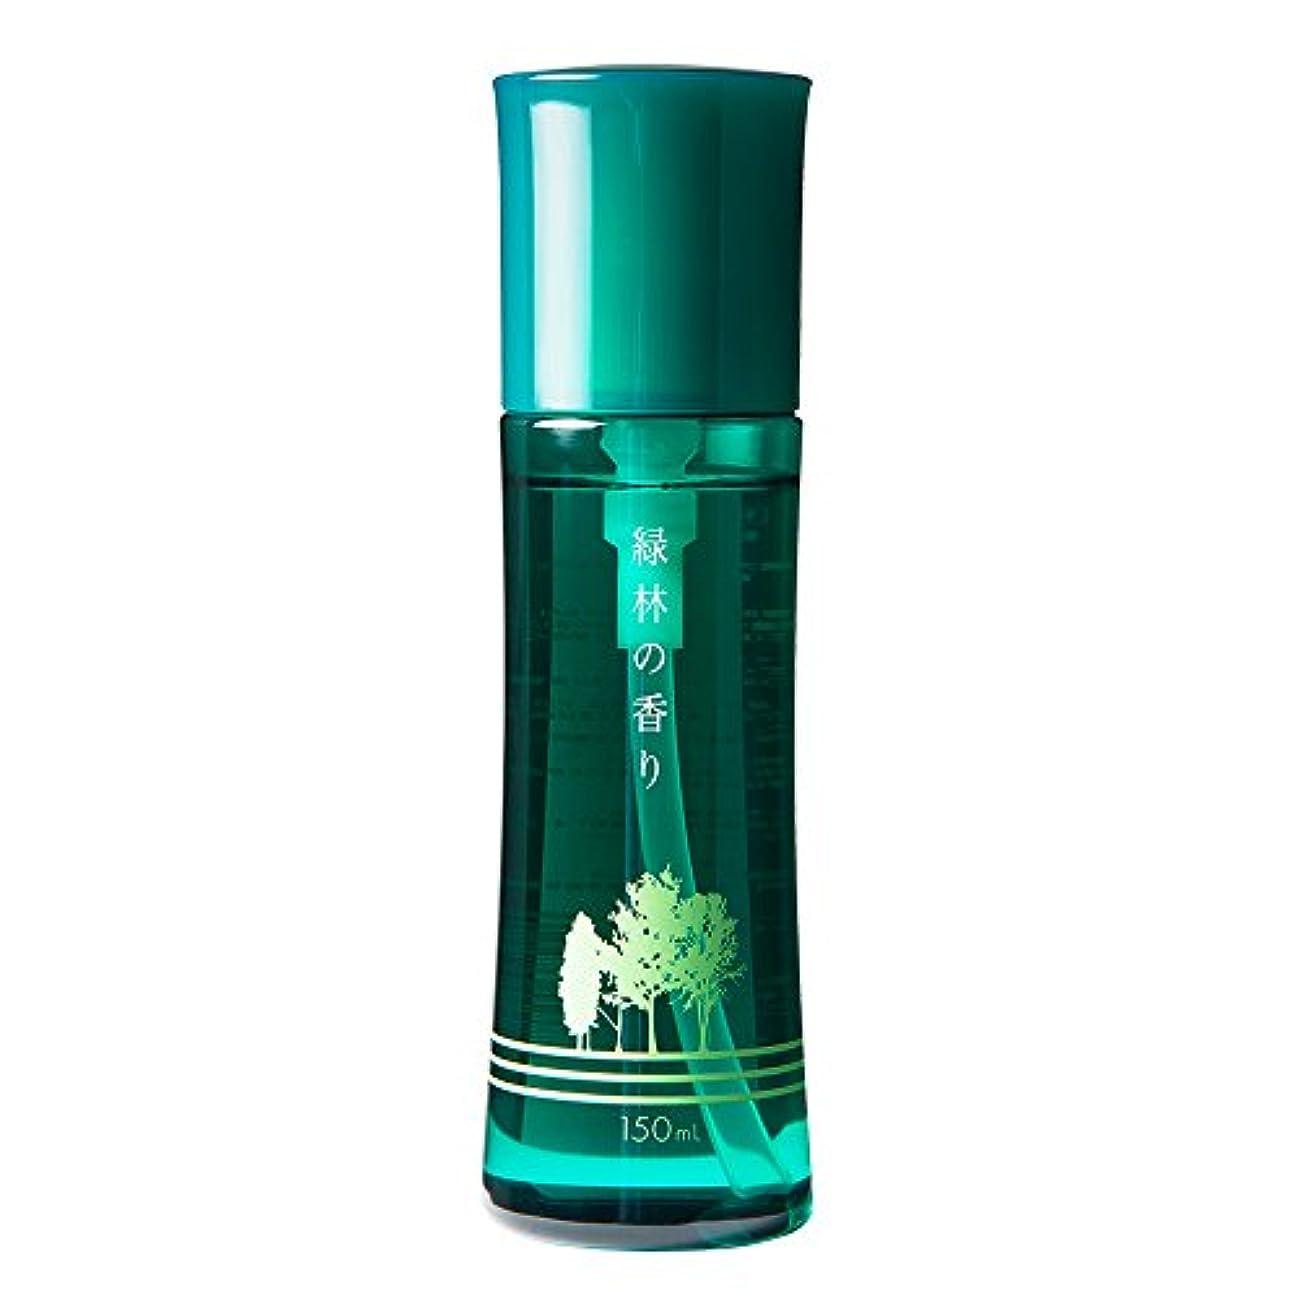 慈悲事前にオープナー芳香剤「緑林の香り(みどりの香り)」150mL 日本予防医薬